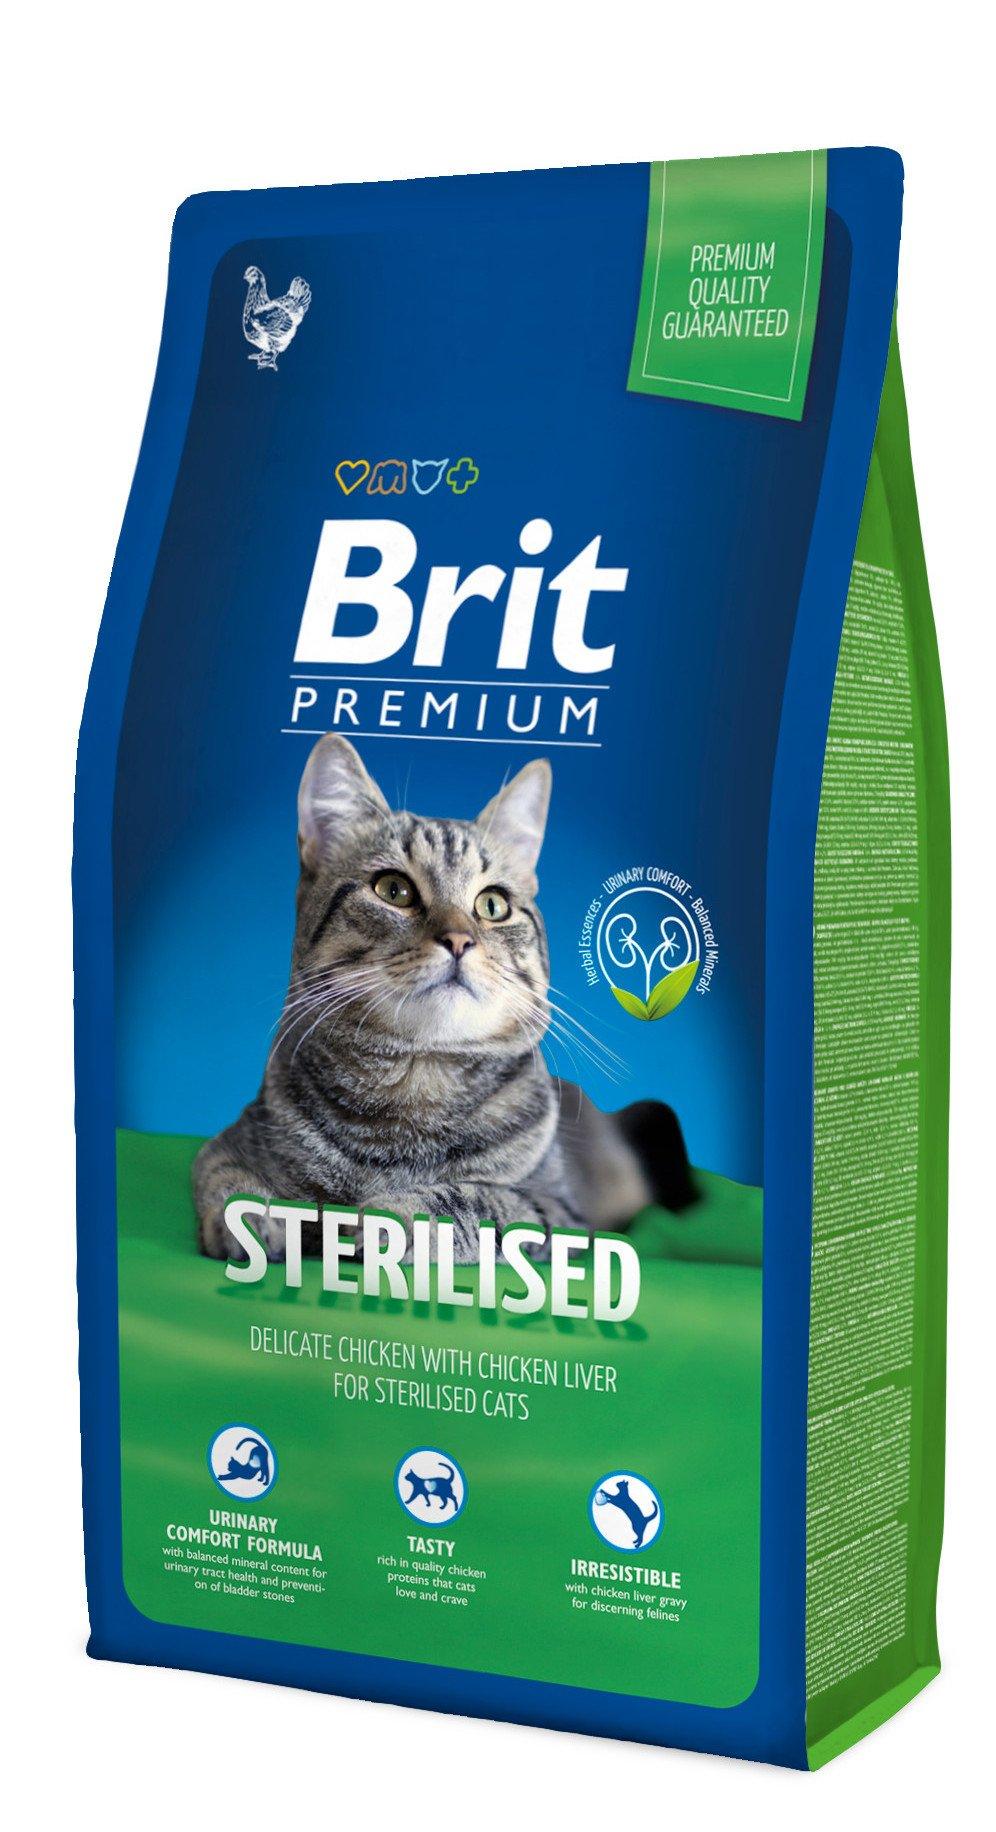 Kačių maistas Brit premium Cat Sterilized 8kg.